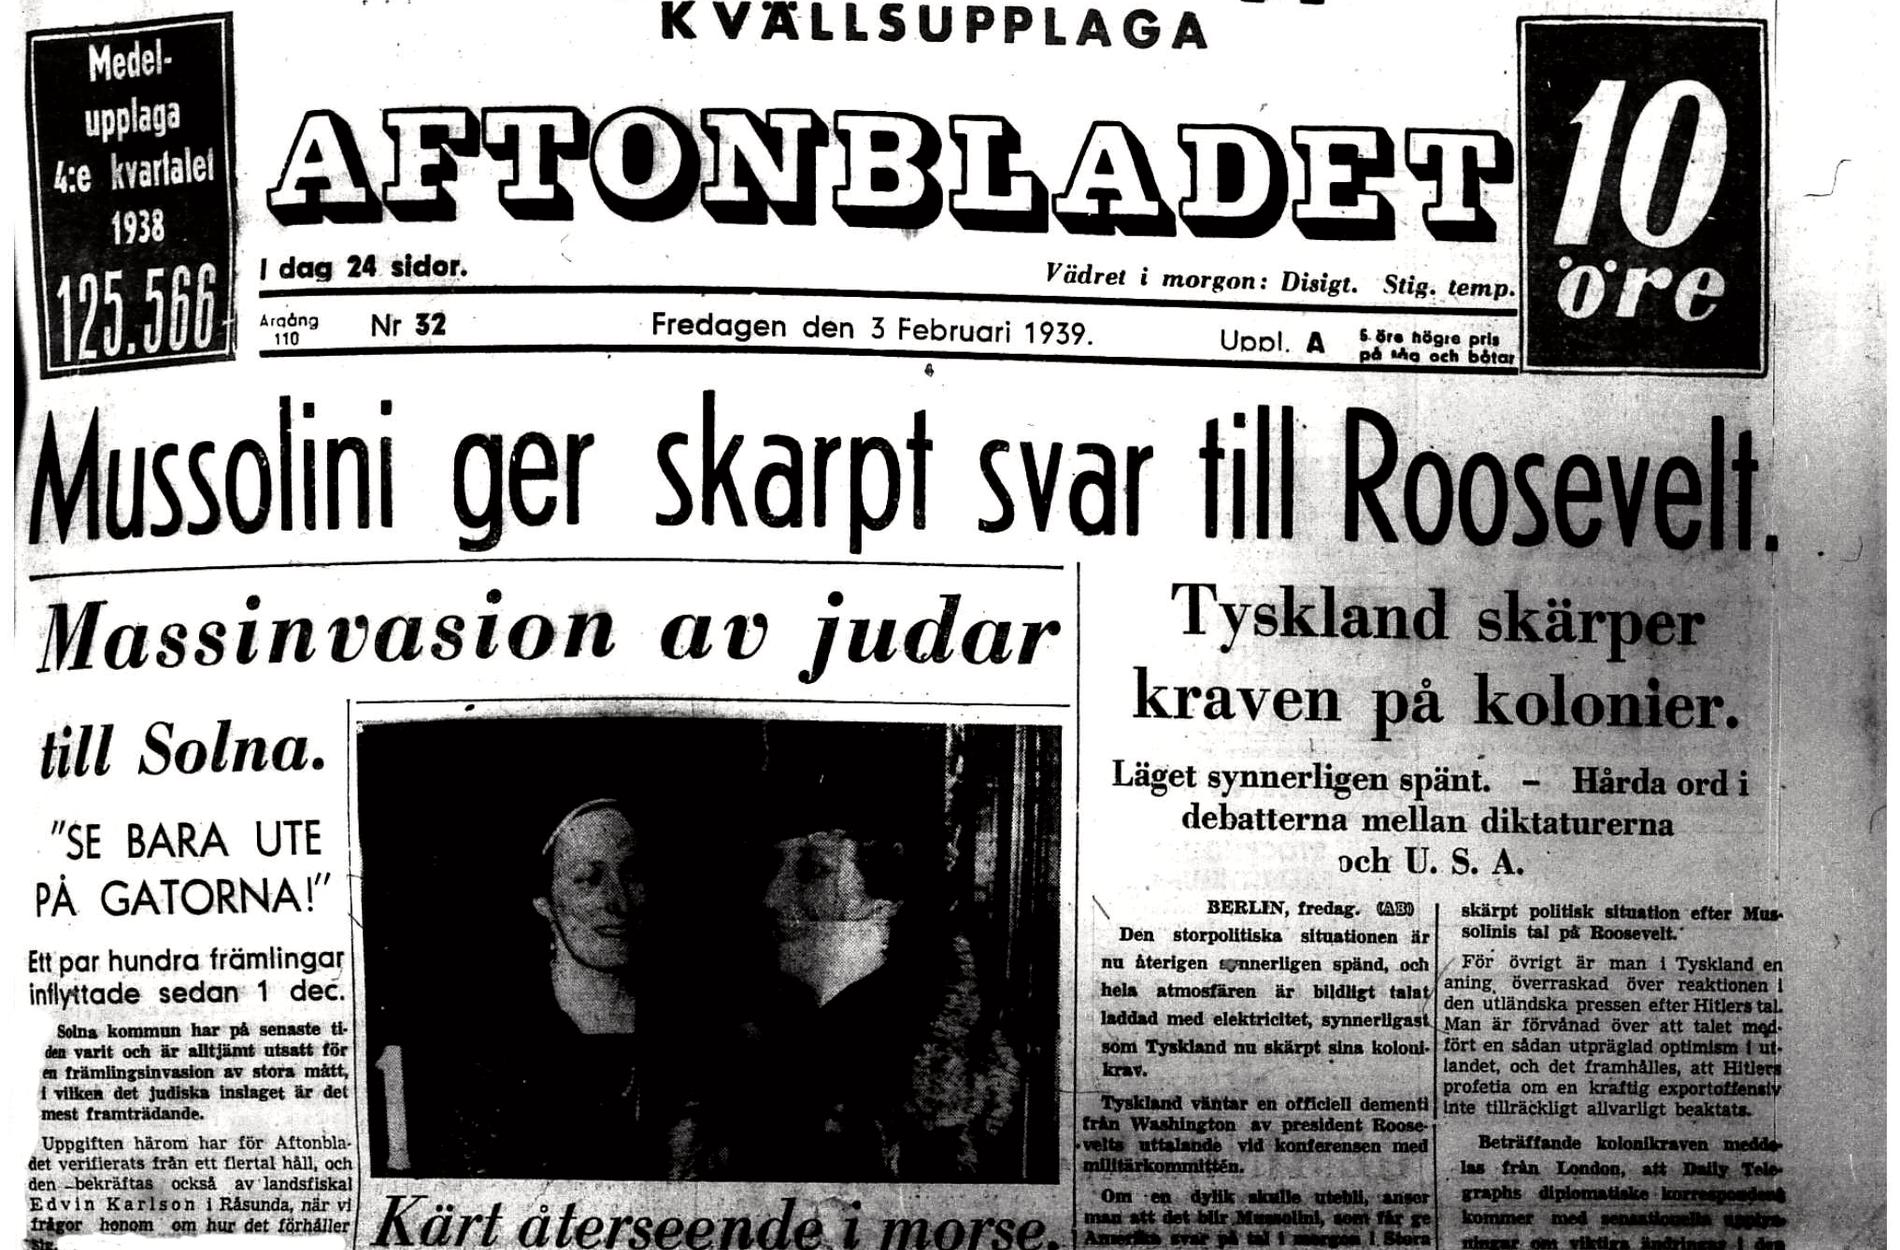 Aftonbladets förstasida den 3 februari 1939.